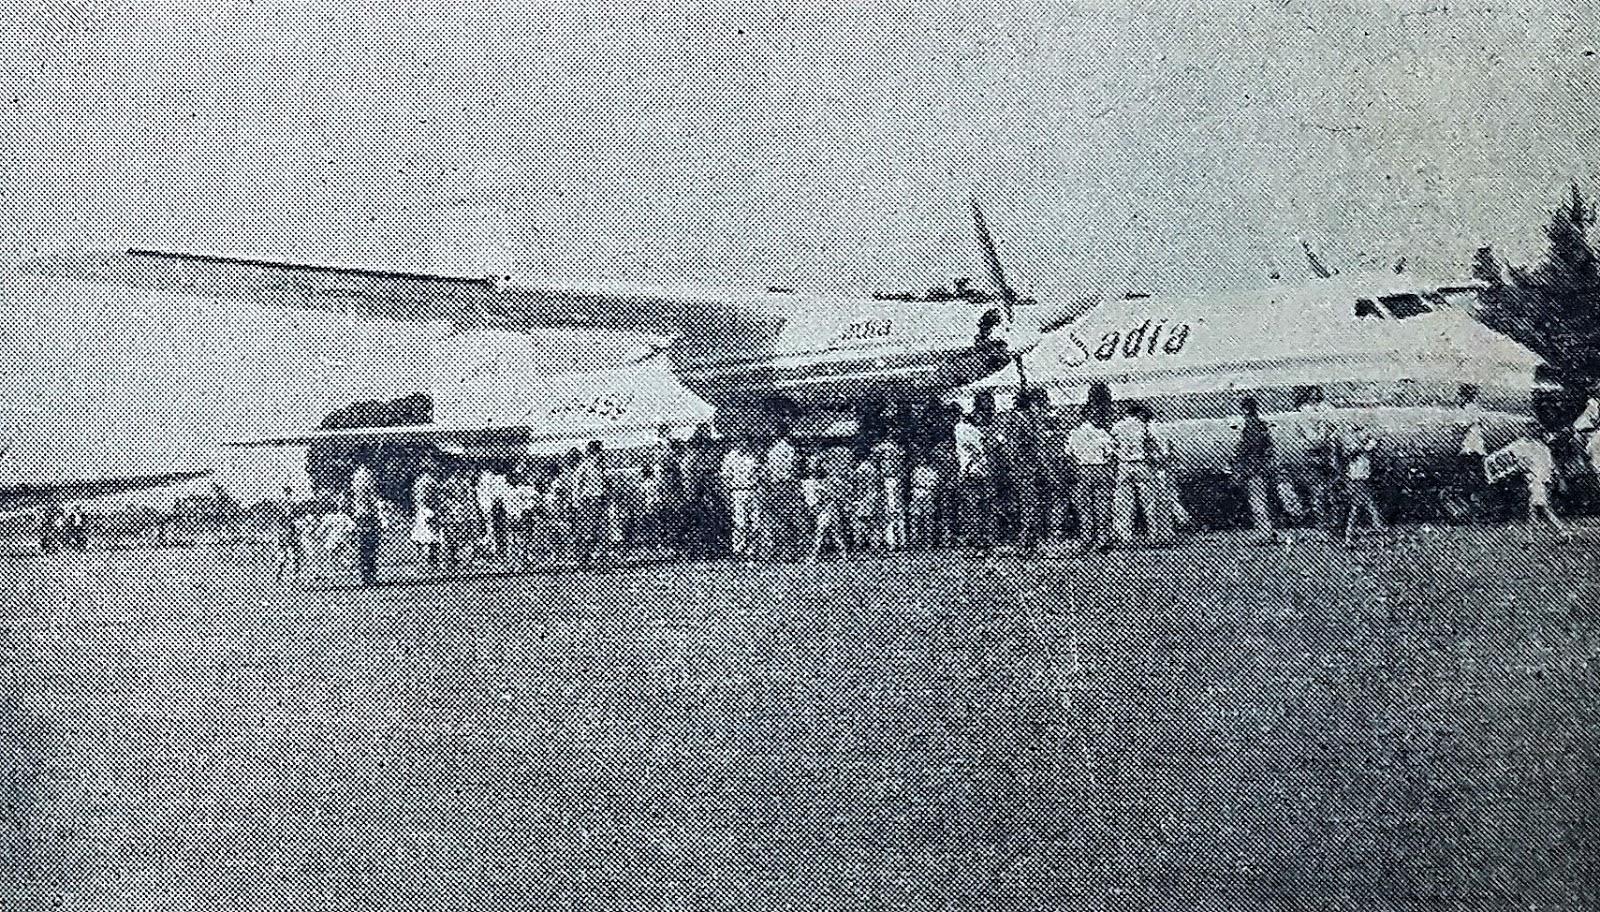 Movimento de passageiros no Aeroporto Dr. Gastão Vidigal - 1964